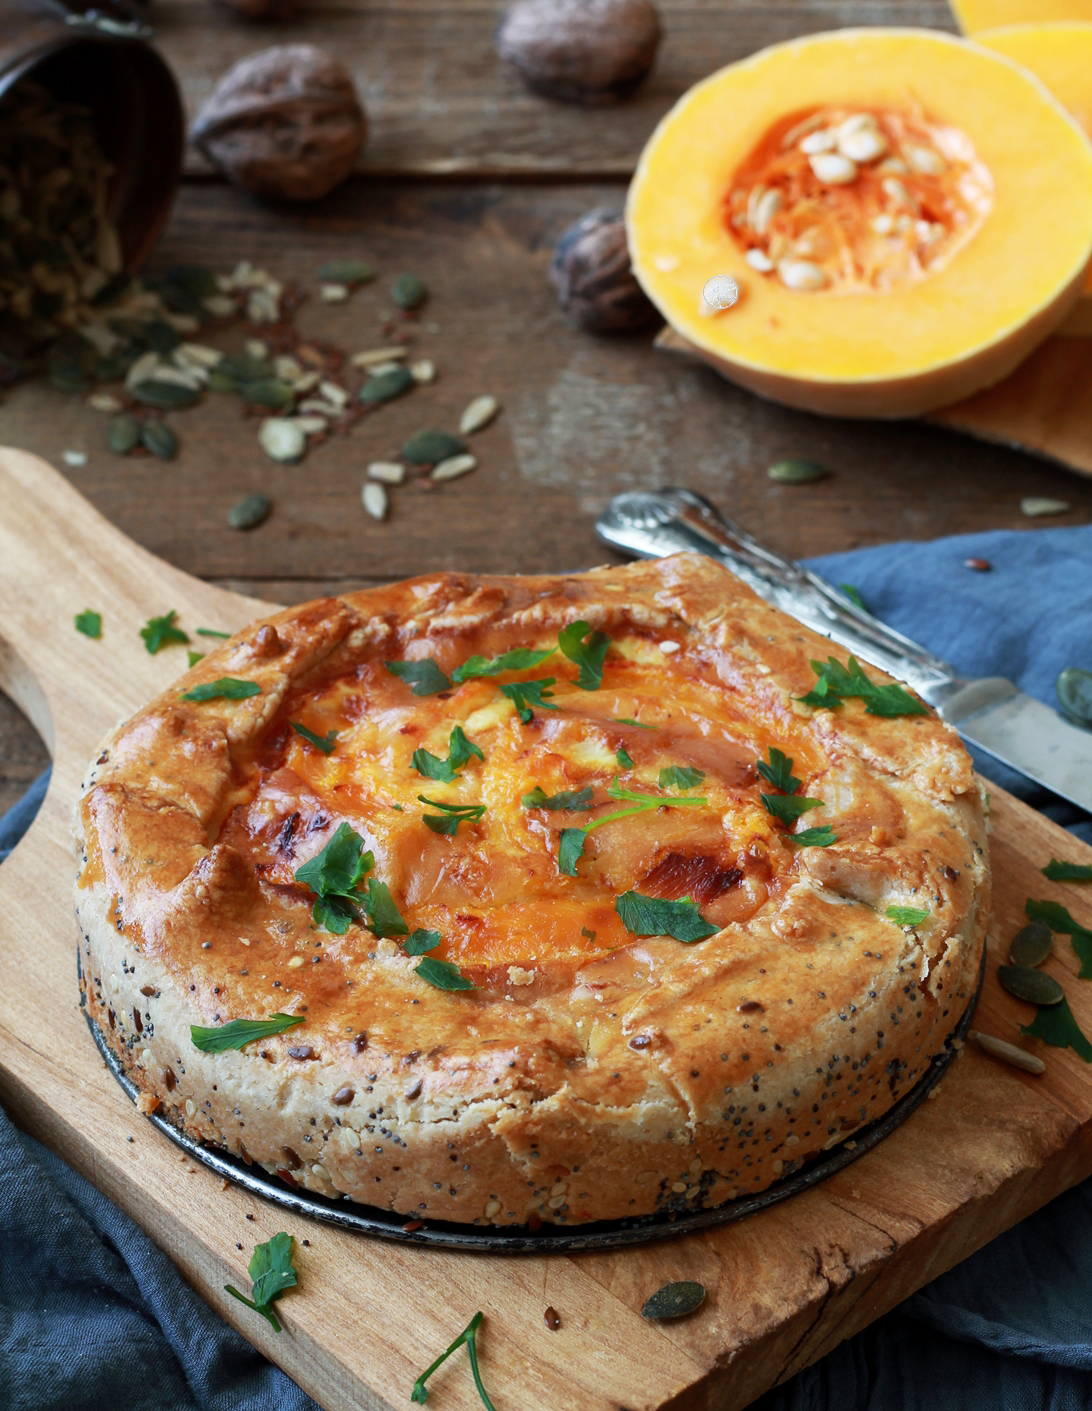 Torta rustica alla zucca senza glutine - La Cassata Celiaca